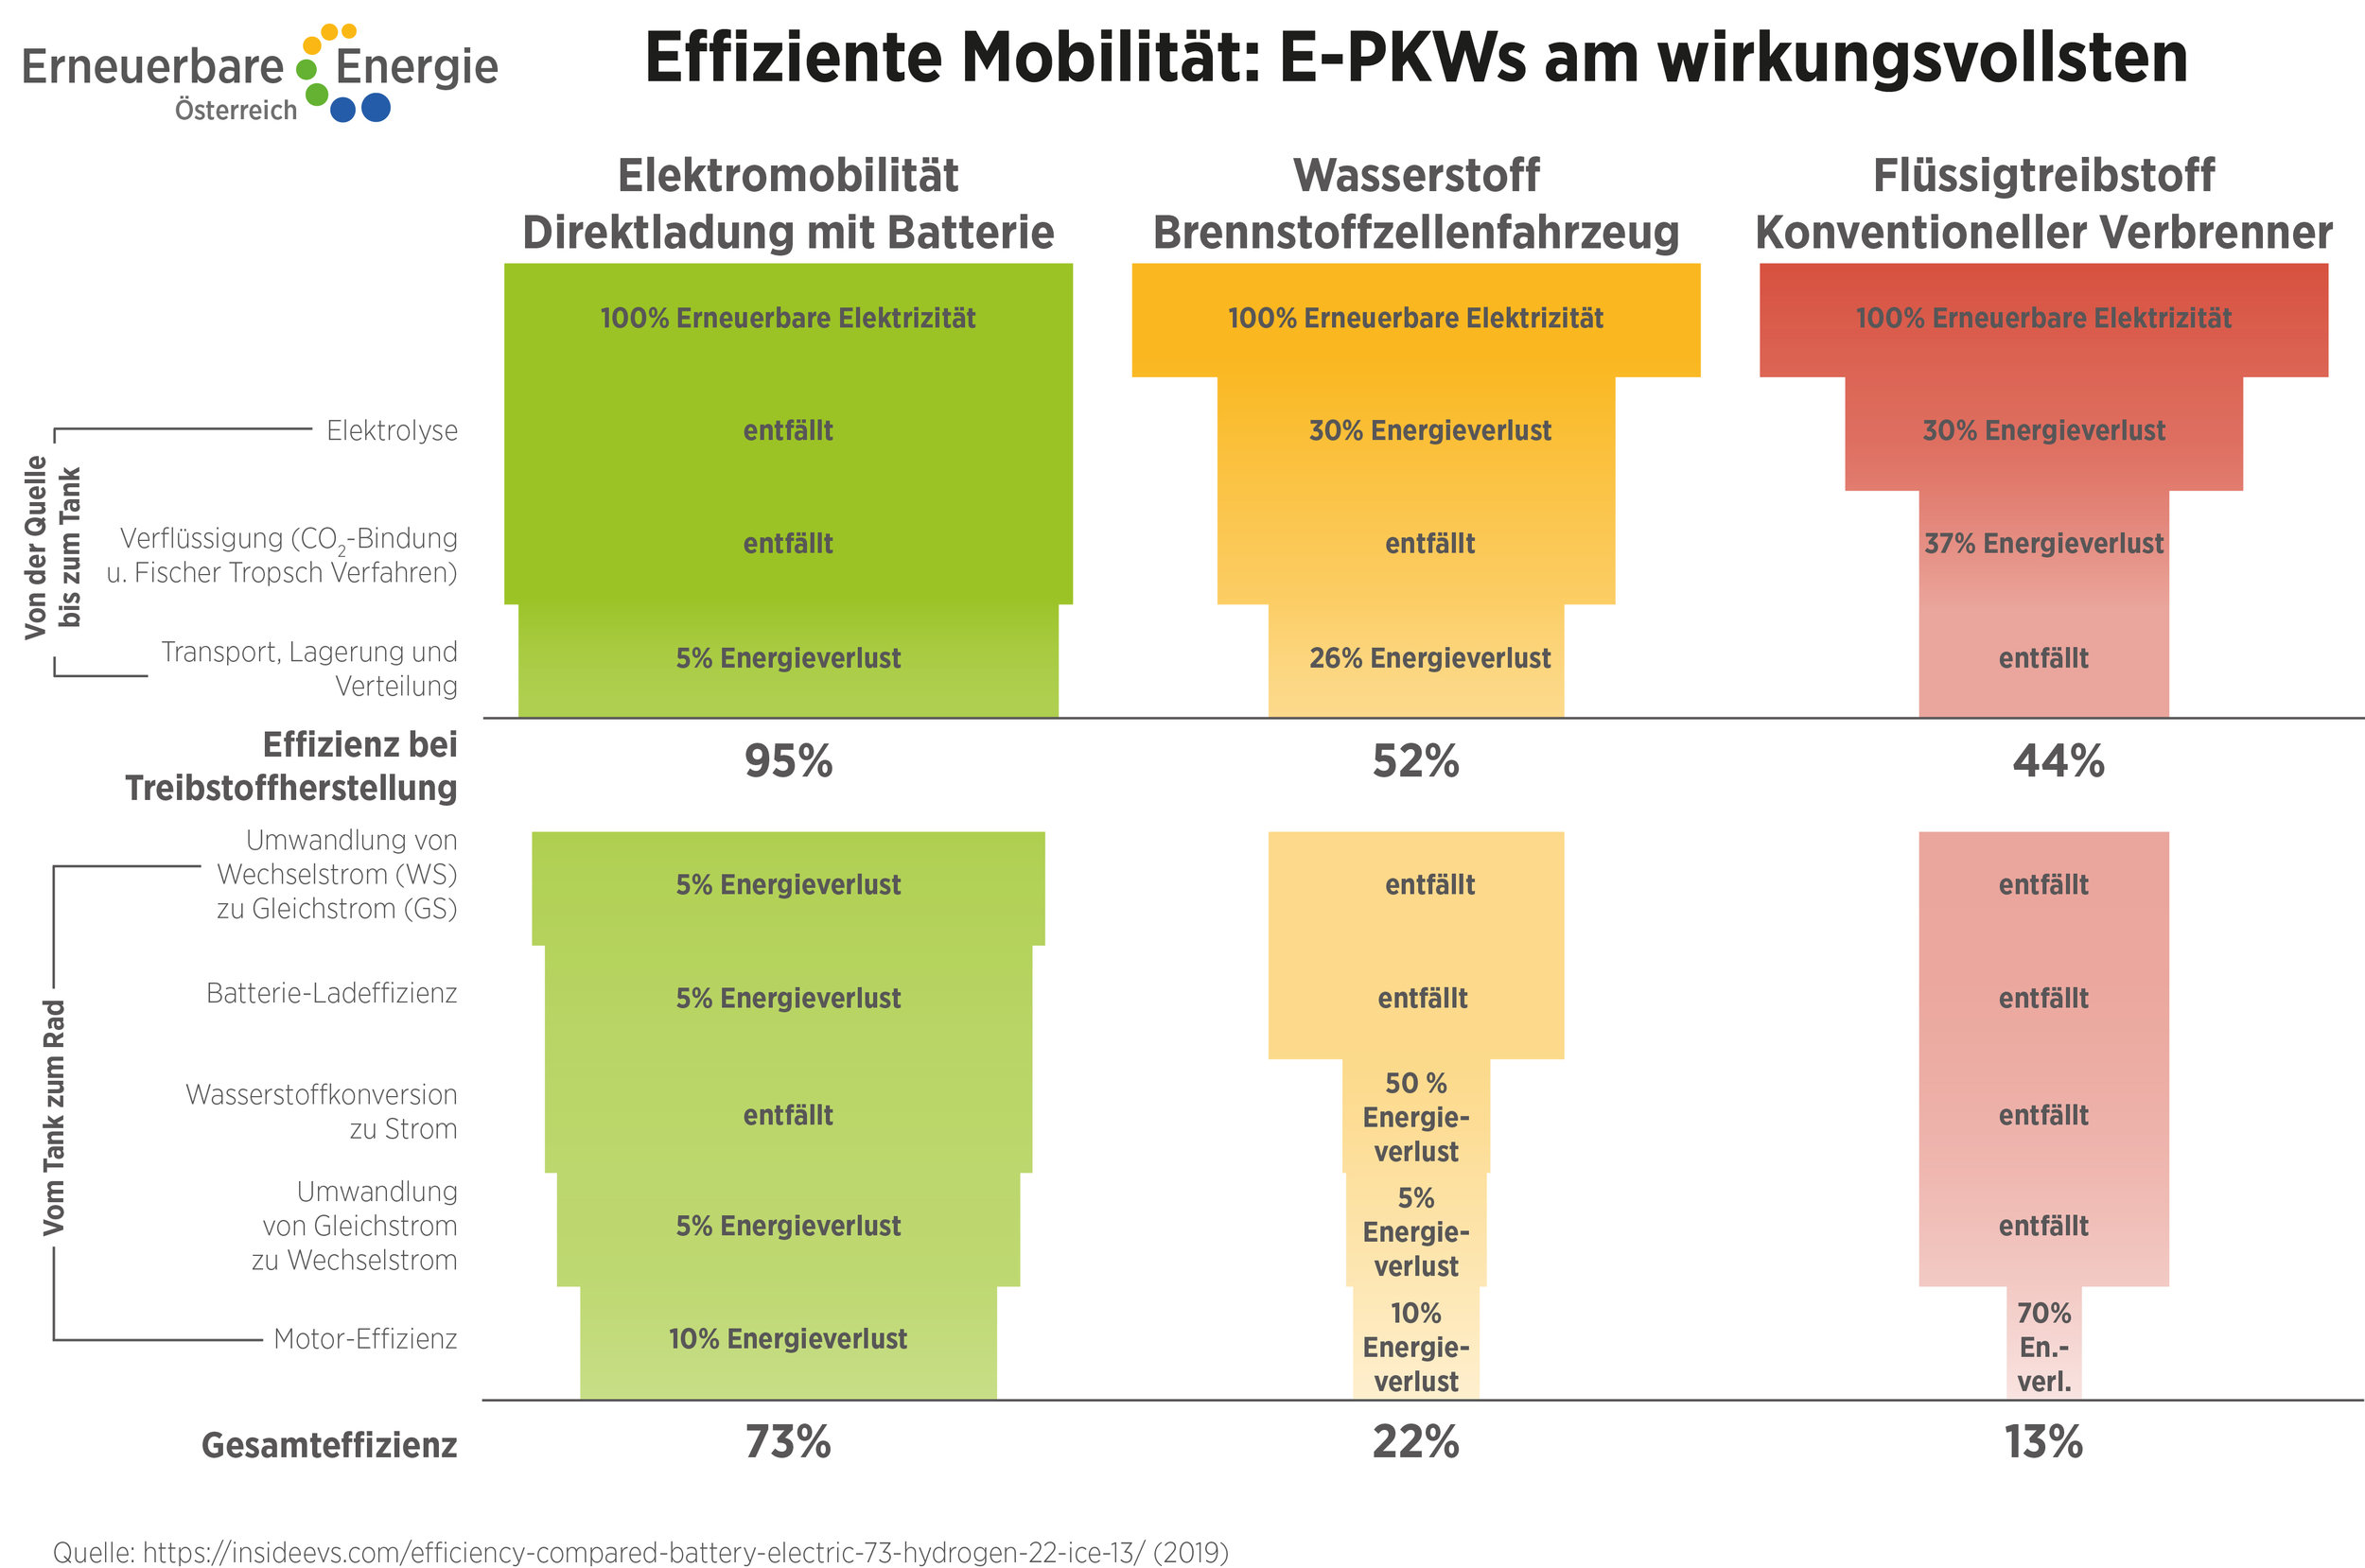 EFA5_EffizienteMobilitaet.jpg